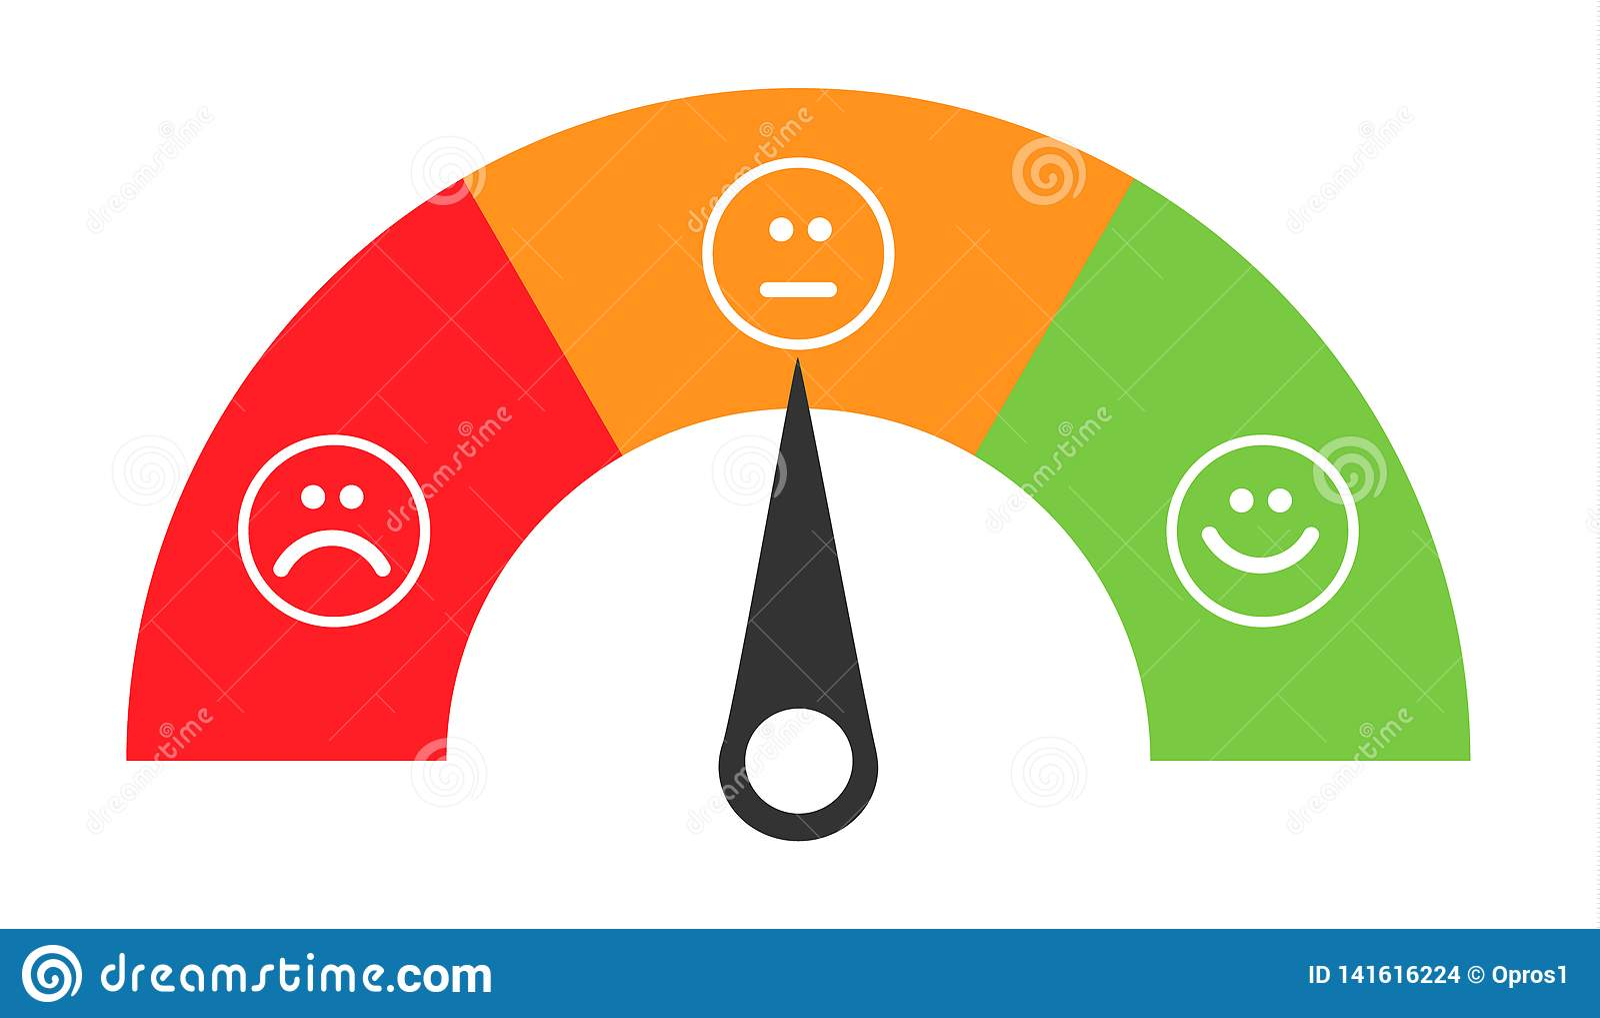 Kundenikonengefühl-Zufriedenheits-Meter mit unterschiedlichem Symbol auf Hintergrund